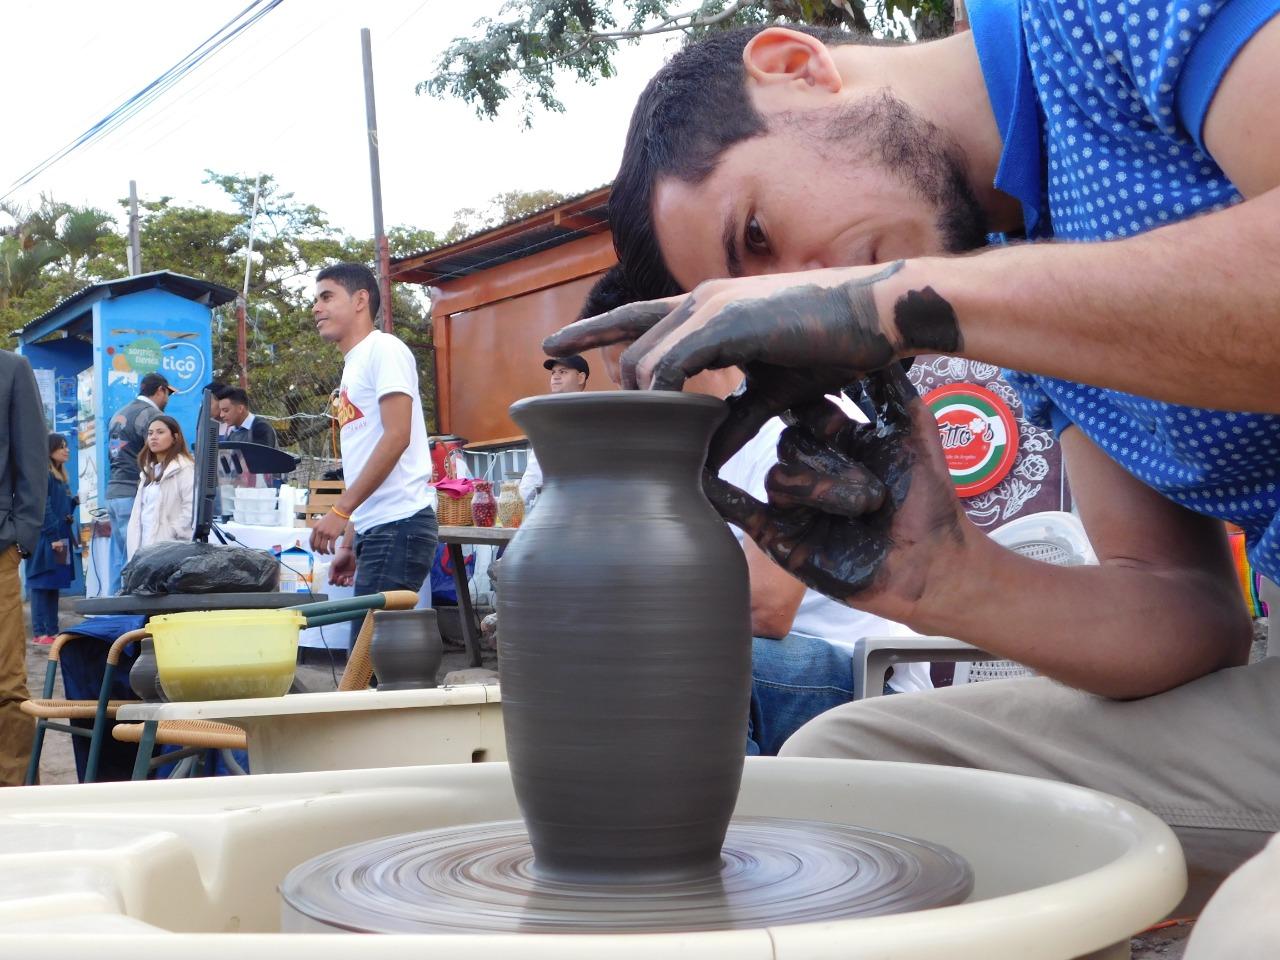 Habitante de Valle de Ángeles que se dedica a la alfarería muestra como se hace una vasija de barro.